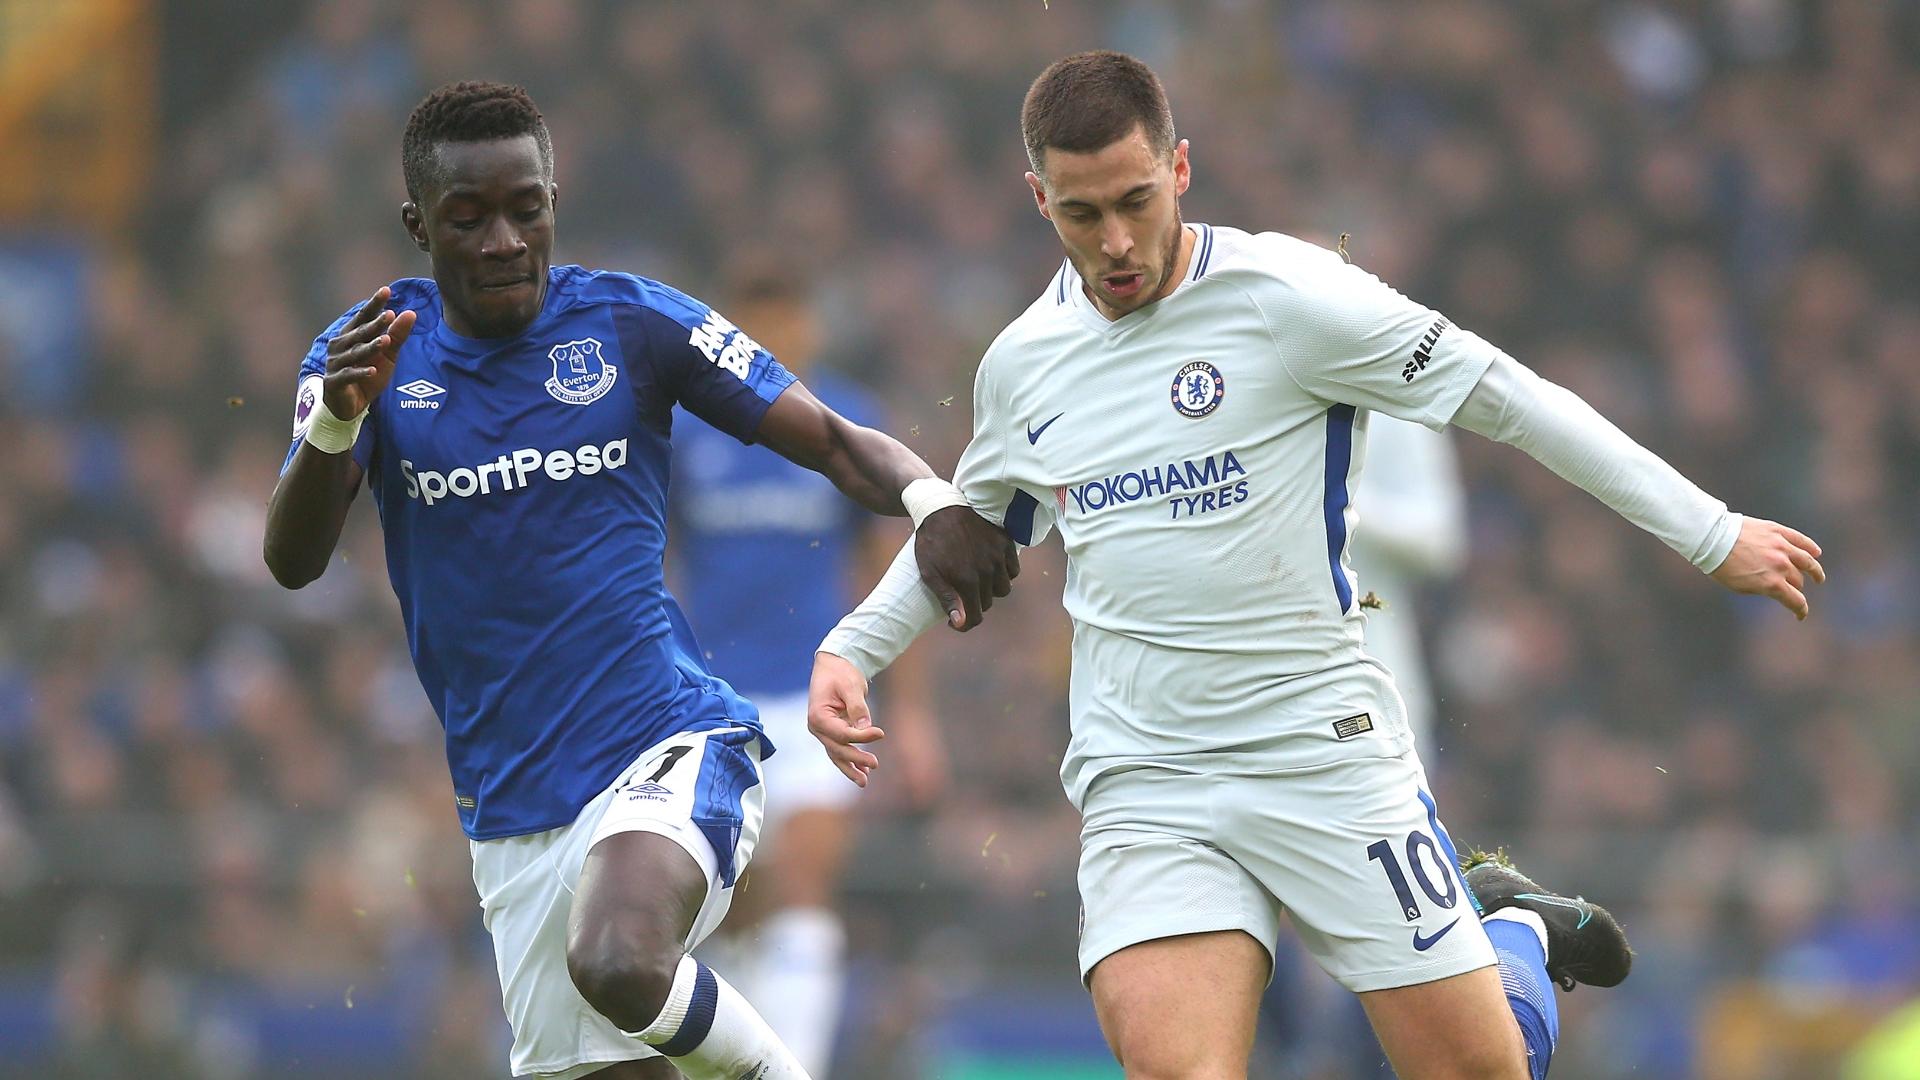 Idrissa Gana Gueye, Eden Hazard, Everton vs Chelsea